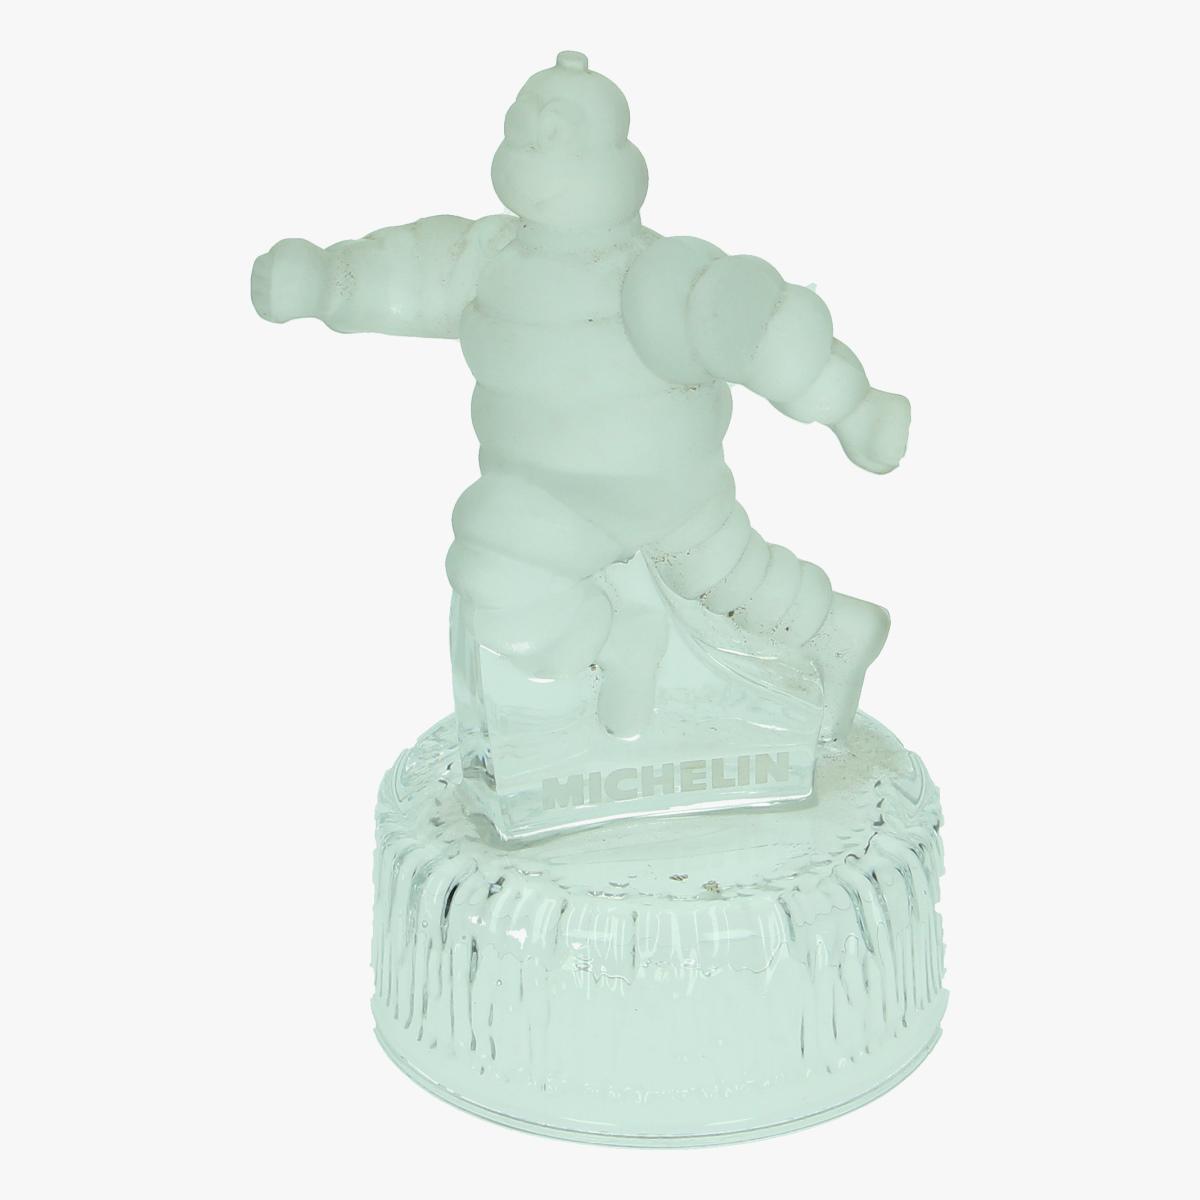 Afbeeldingen van Michelin Beeld in mat glas. Trofee Bibendum.